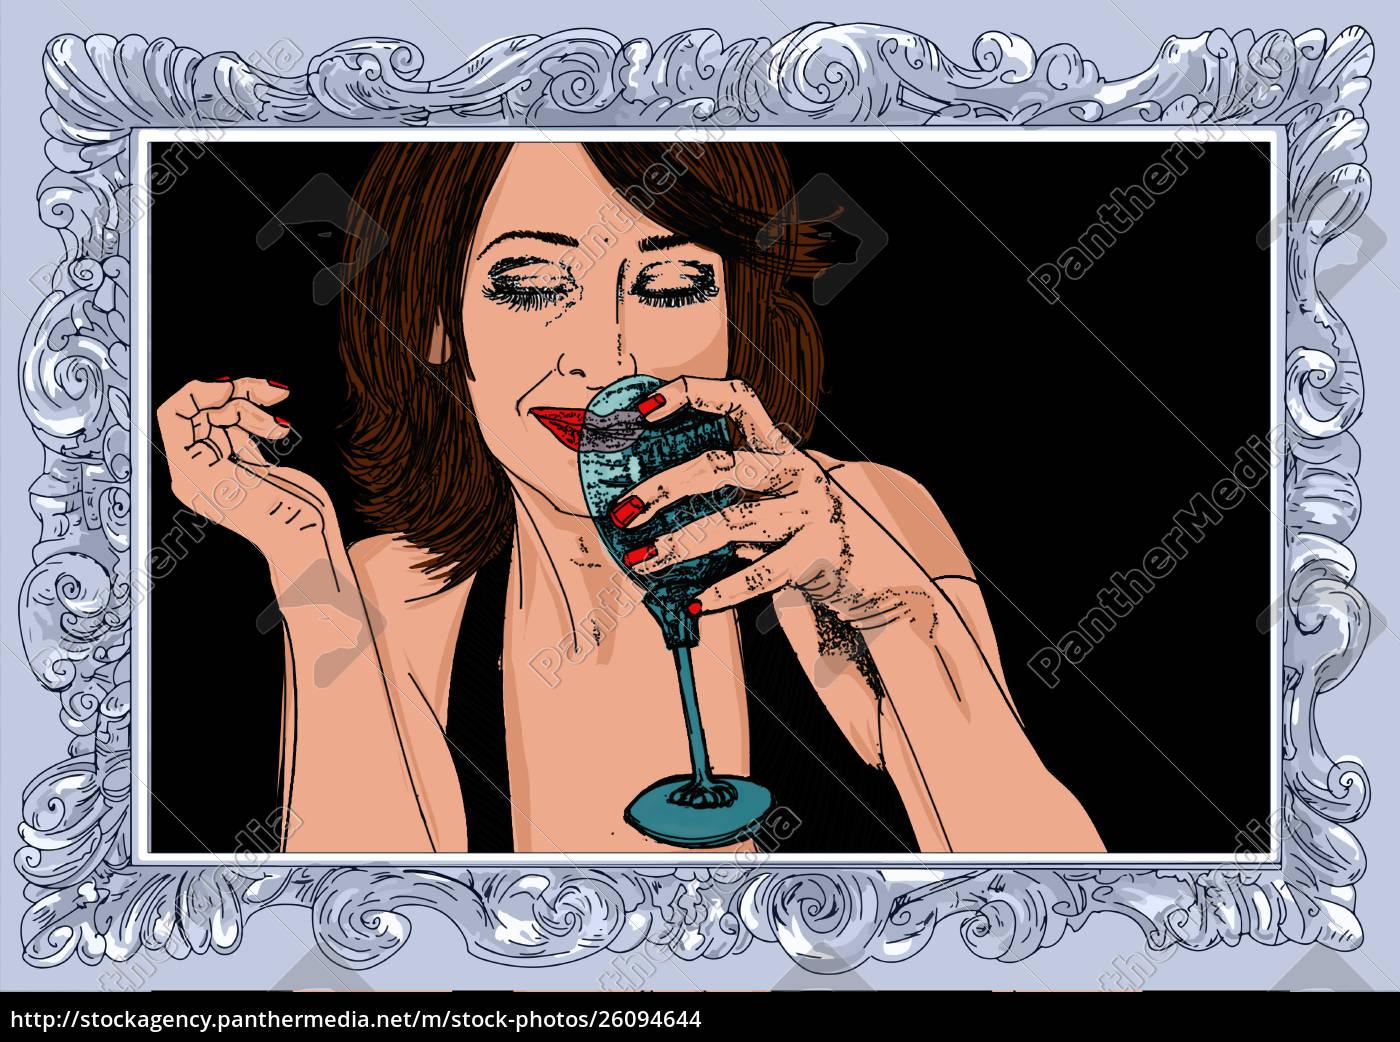 , mujer, erótica, línea, refinada, y, sensual - 26094644